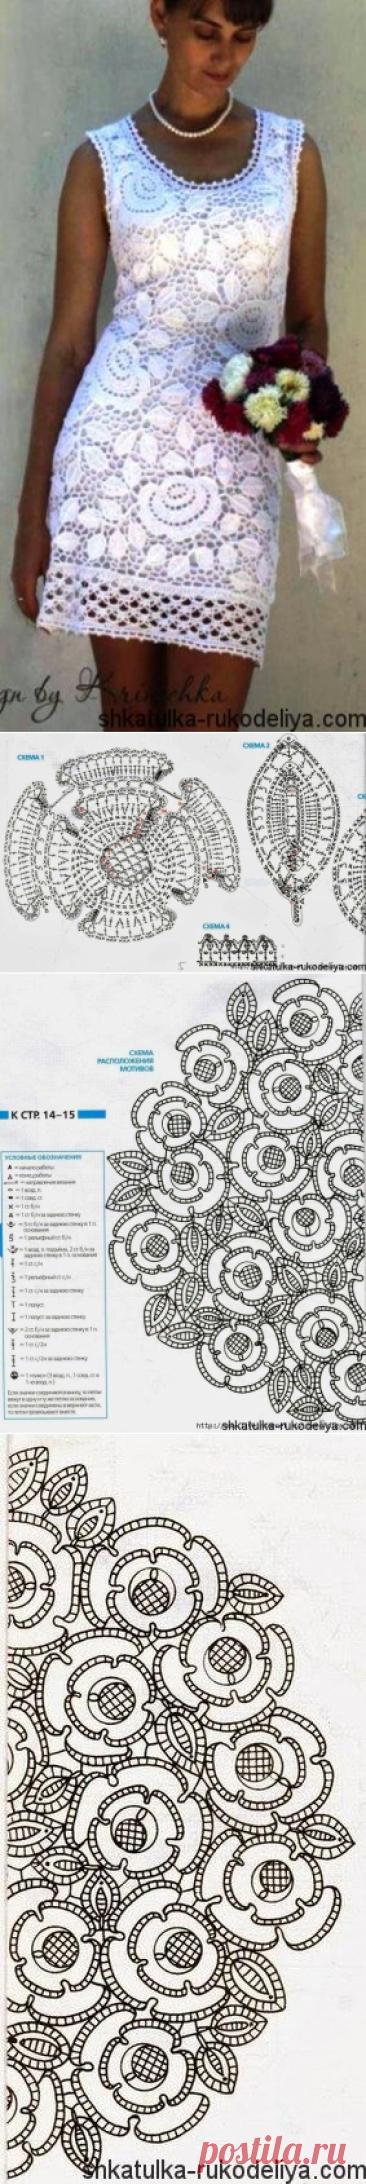 Платье в технике ирландского кружева. Кружевное платье крючком схемы | Шкатулка рукоделия